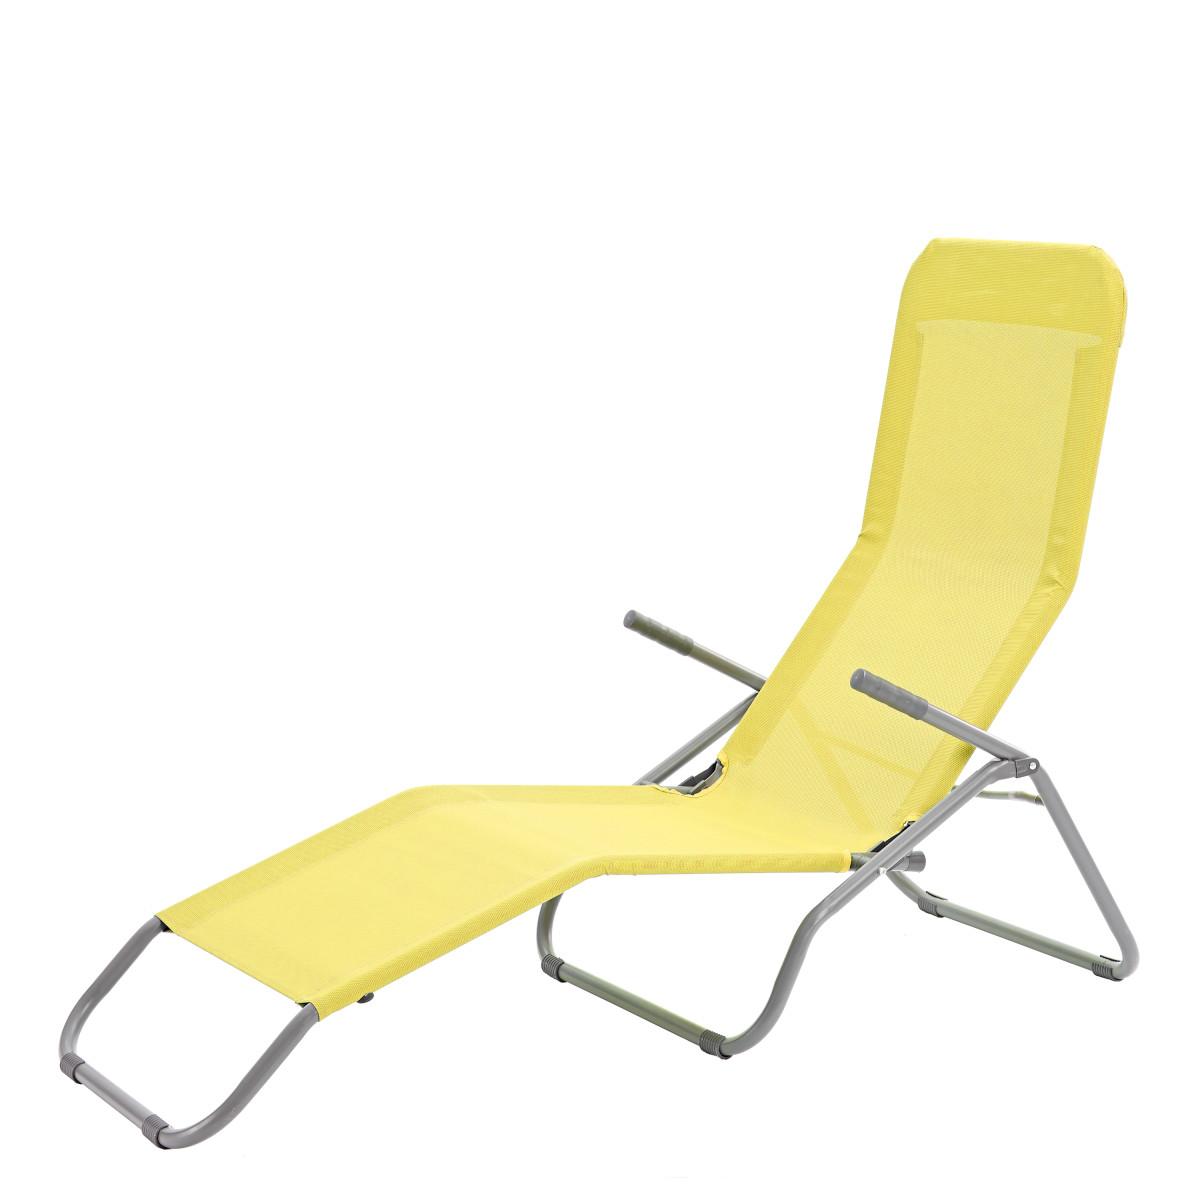 Шезлонг Veia Origami 137х61 см складной сталь/текстиль желтый